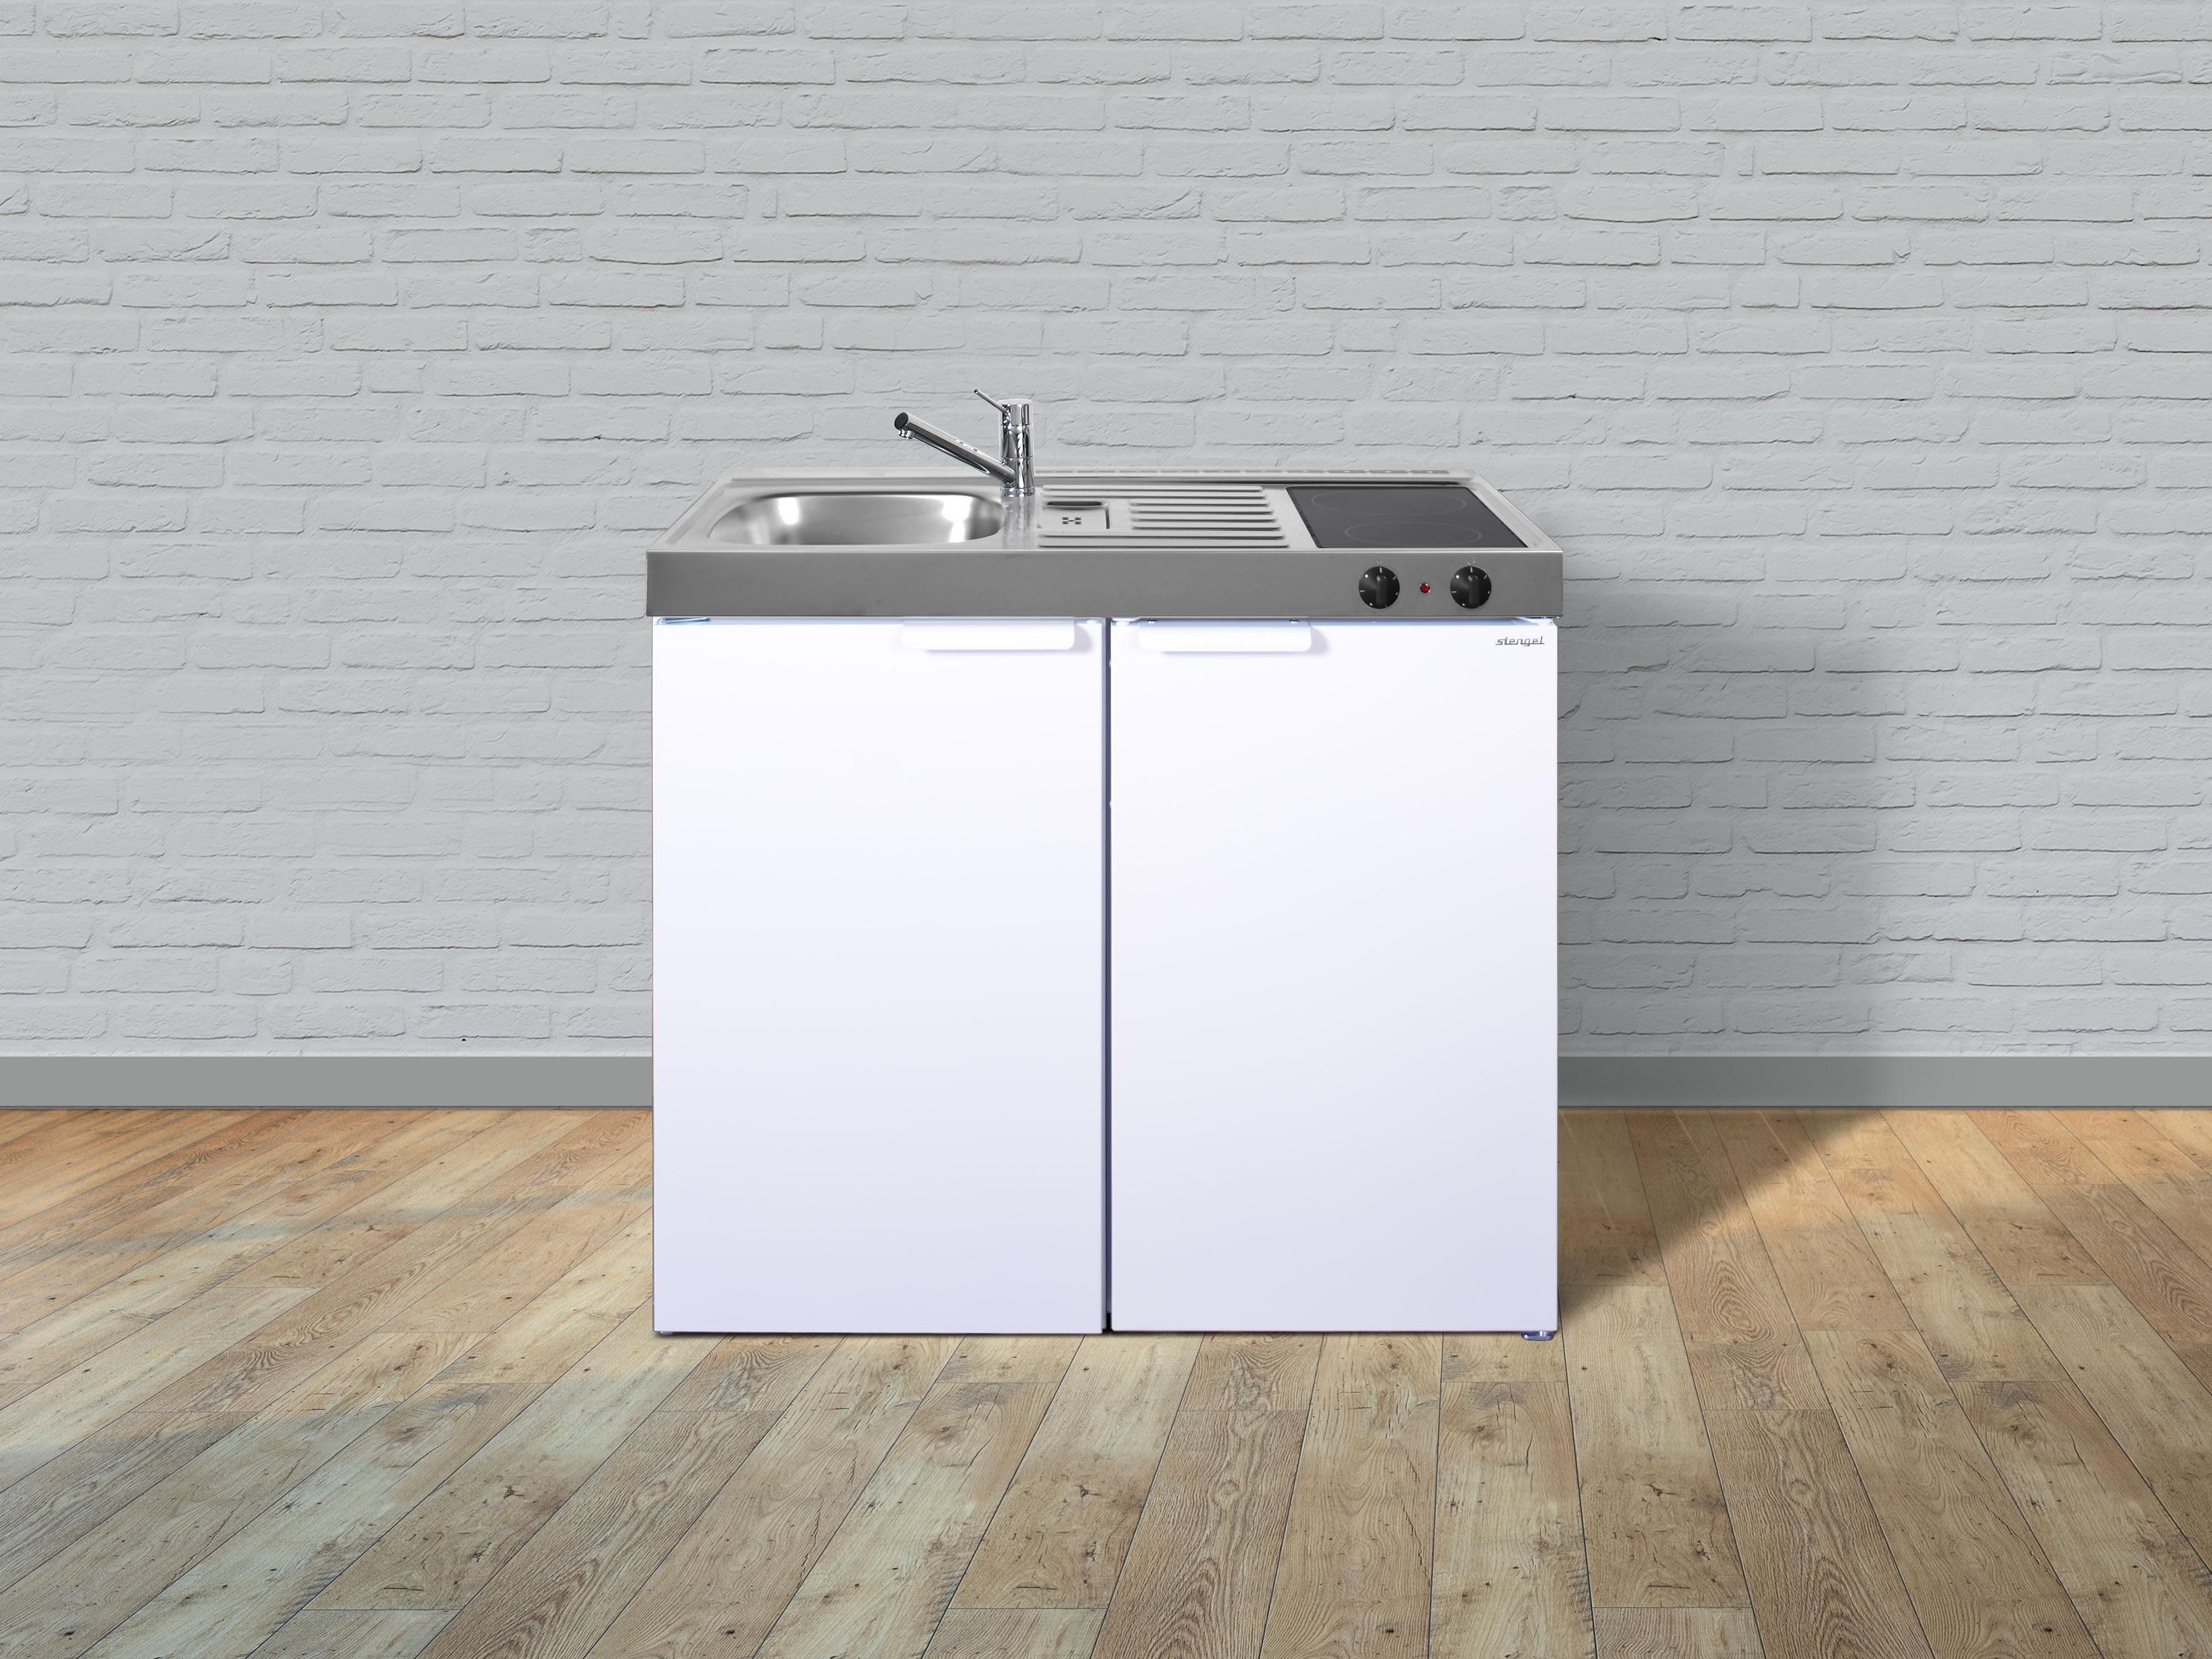 Miniküche Mit Kühlschrank Und Ceranfeld : Singleküche miniküchen online kaufen otto